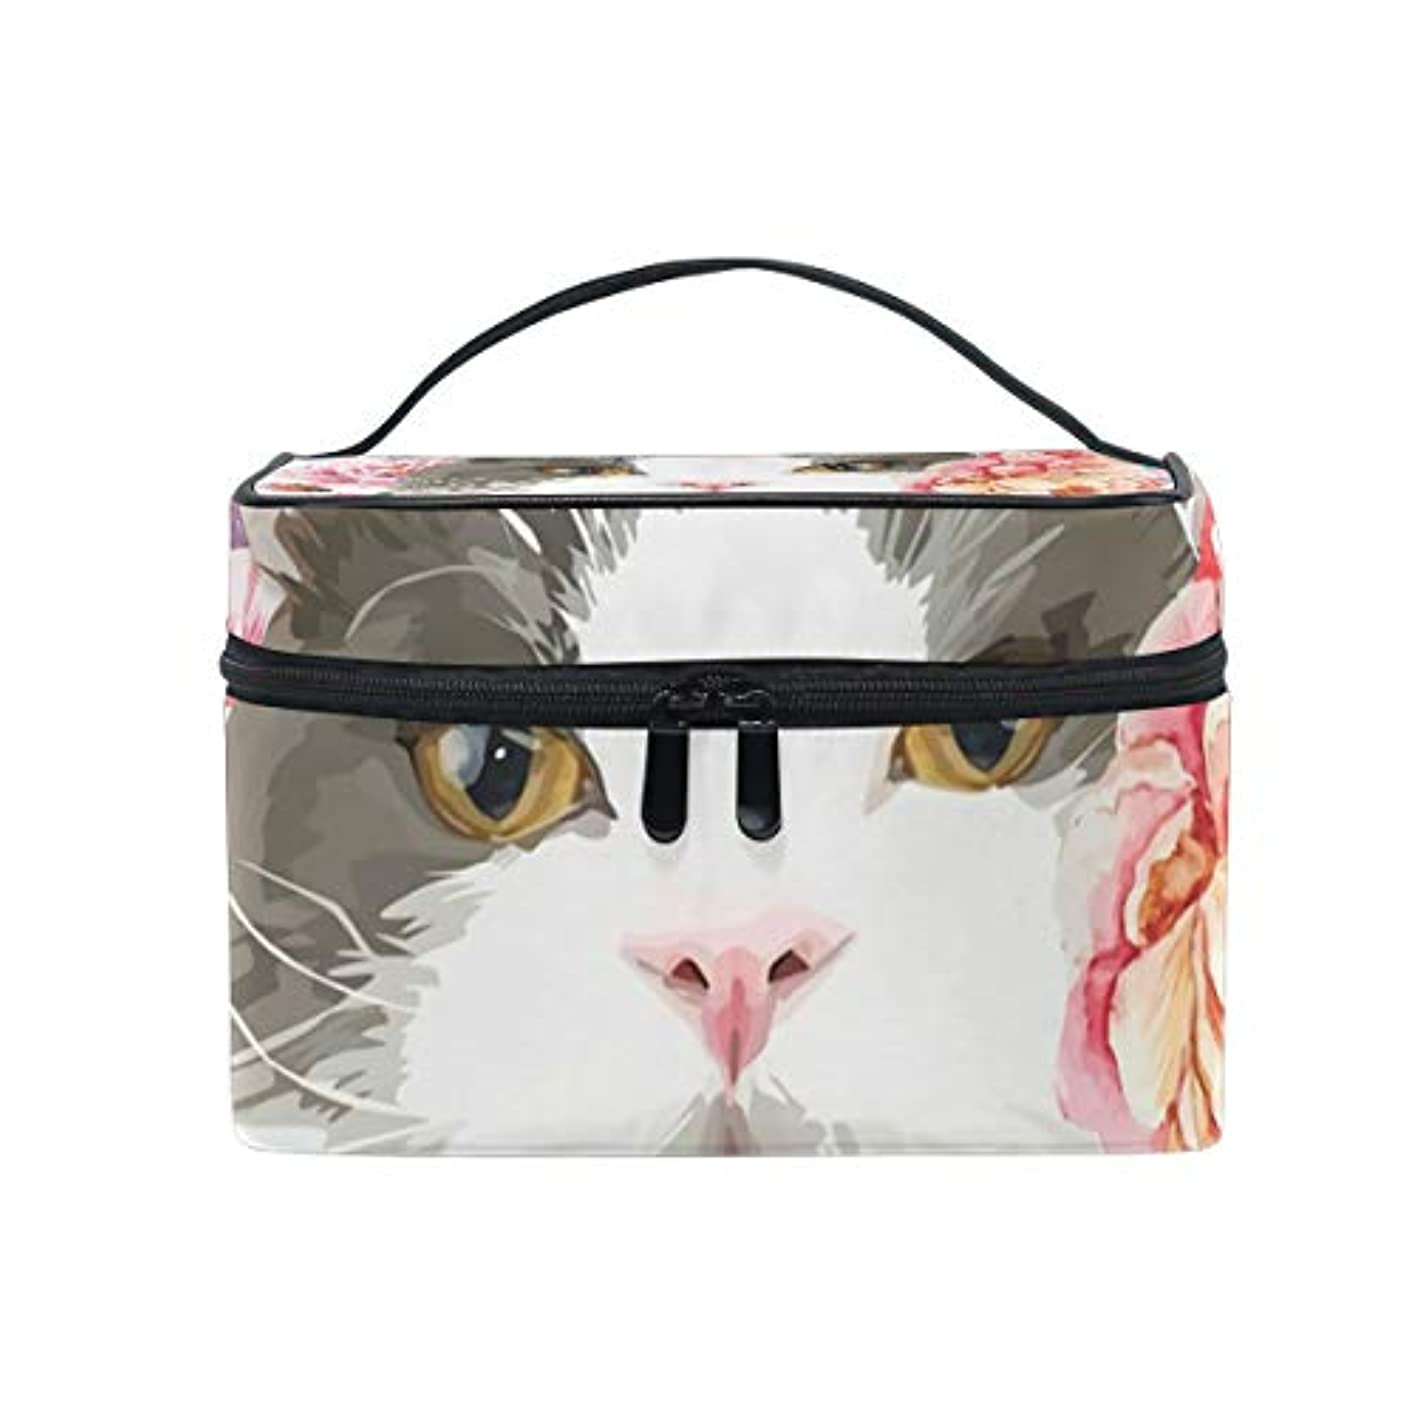 要件拘束するマイナーメイクボックス 猫柄 花柄 楽しみ柄 化粧ポーチ 化粧品 化粧道具 小物入れ メイクブラシバッグ 大容量 旅行用 収納ケース